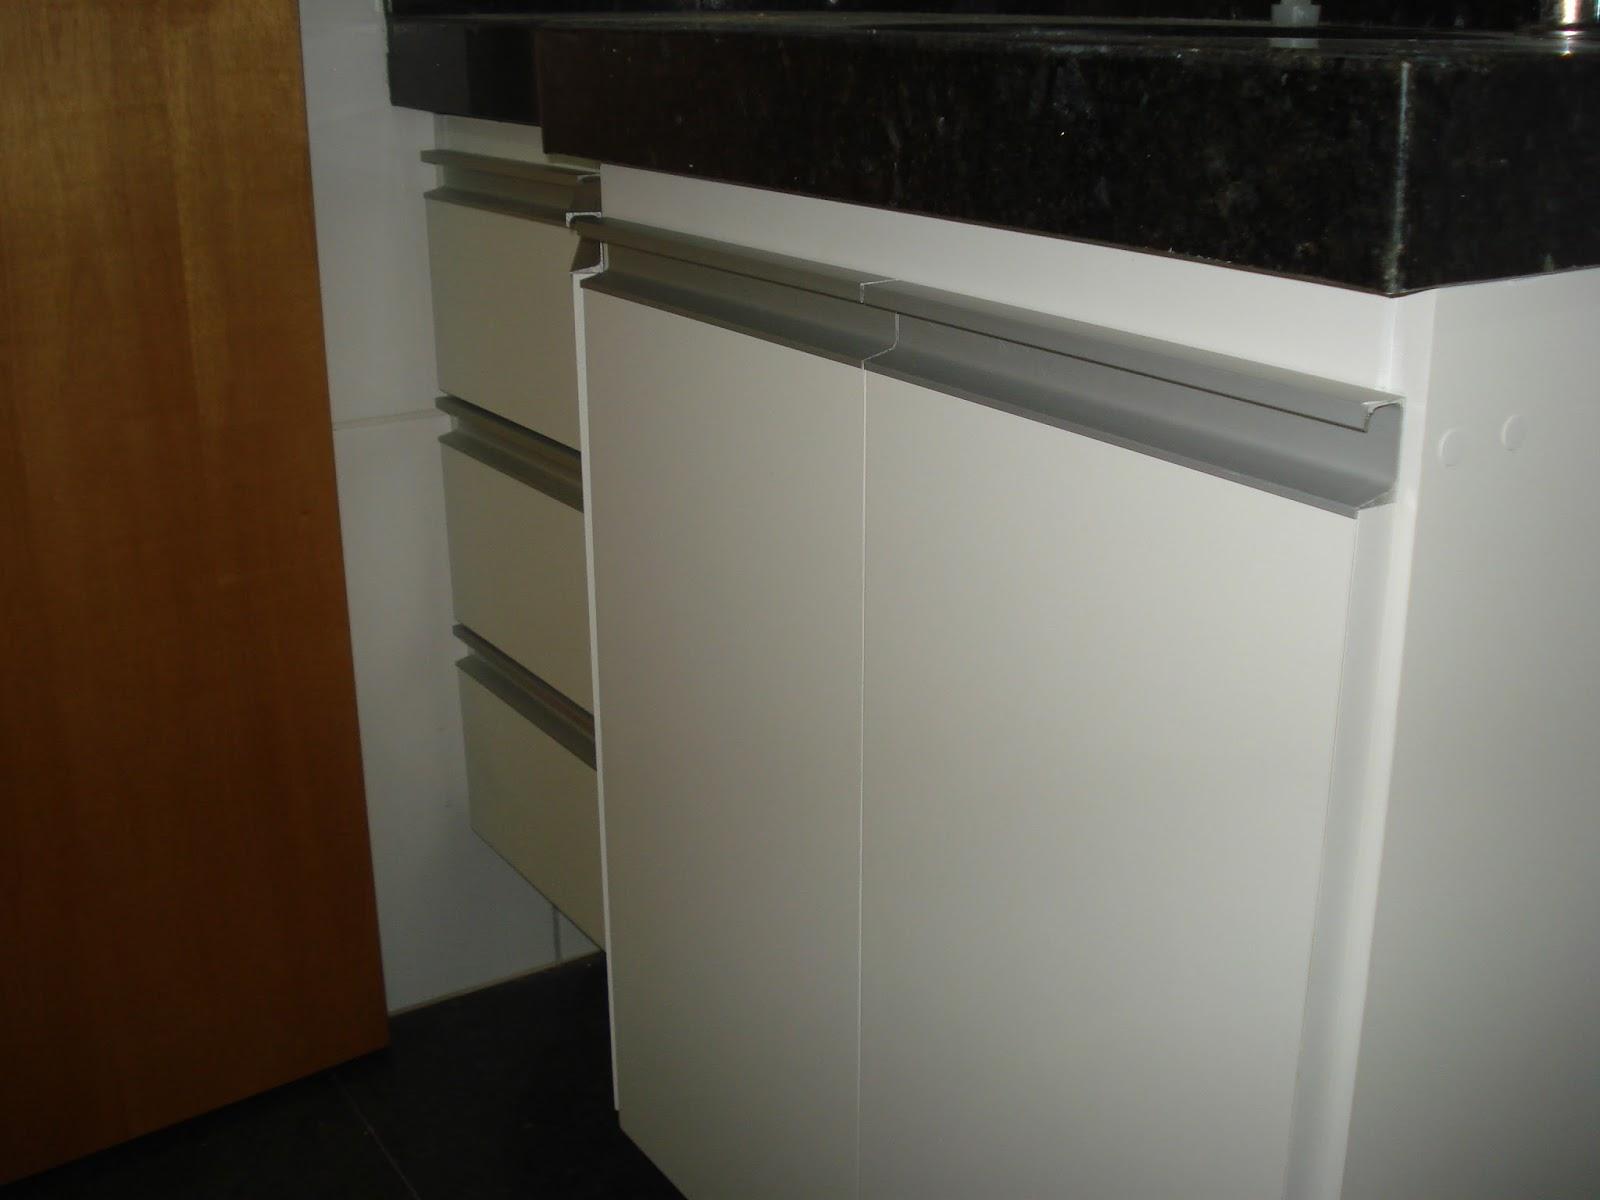 Banheiro (Padrão Branco) Portas em 18mm Puxadores em Perfil de #594221 1600x1200 Armario Banheiro De Aluminio